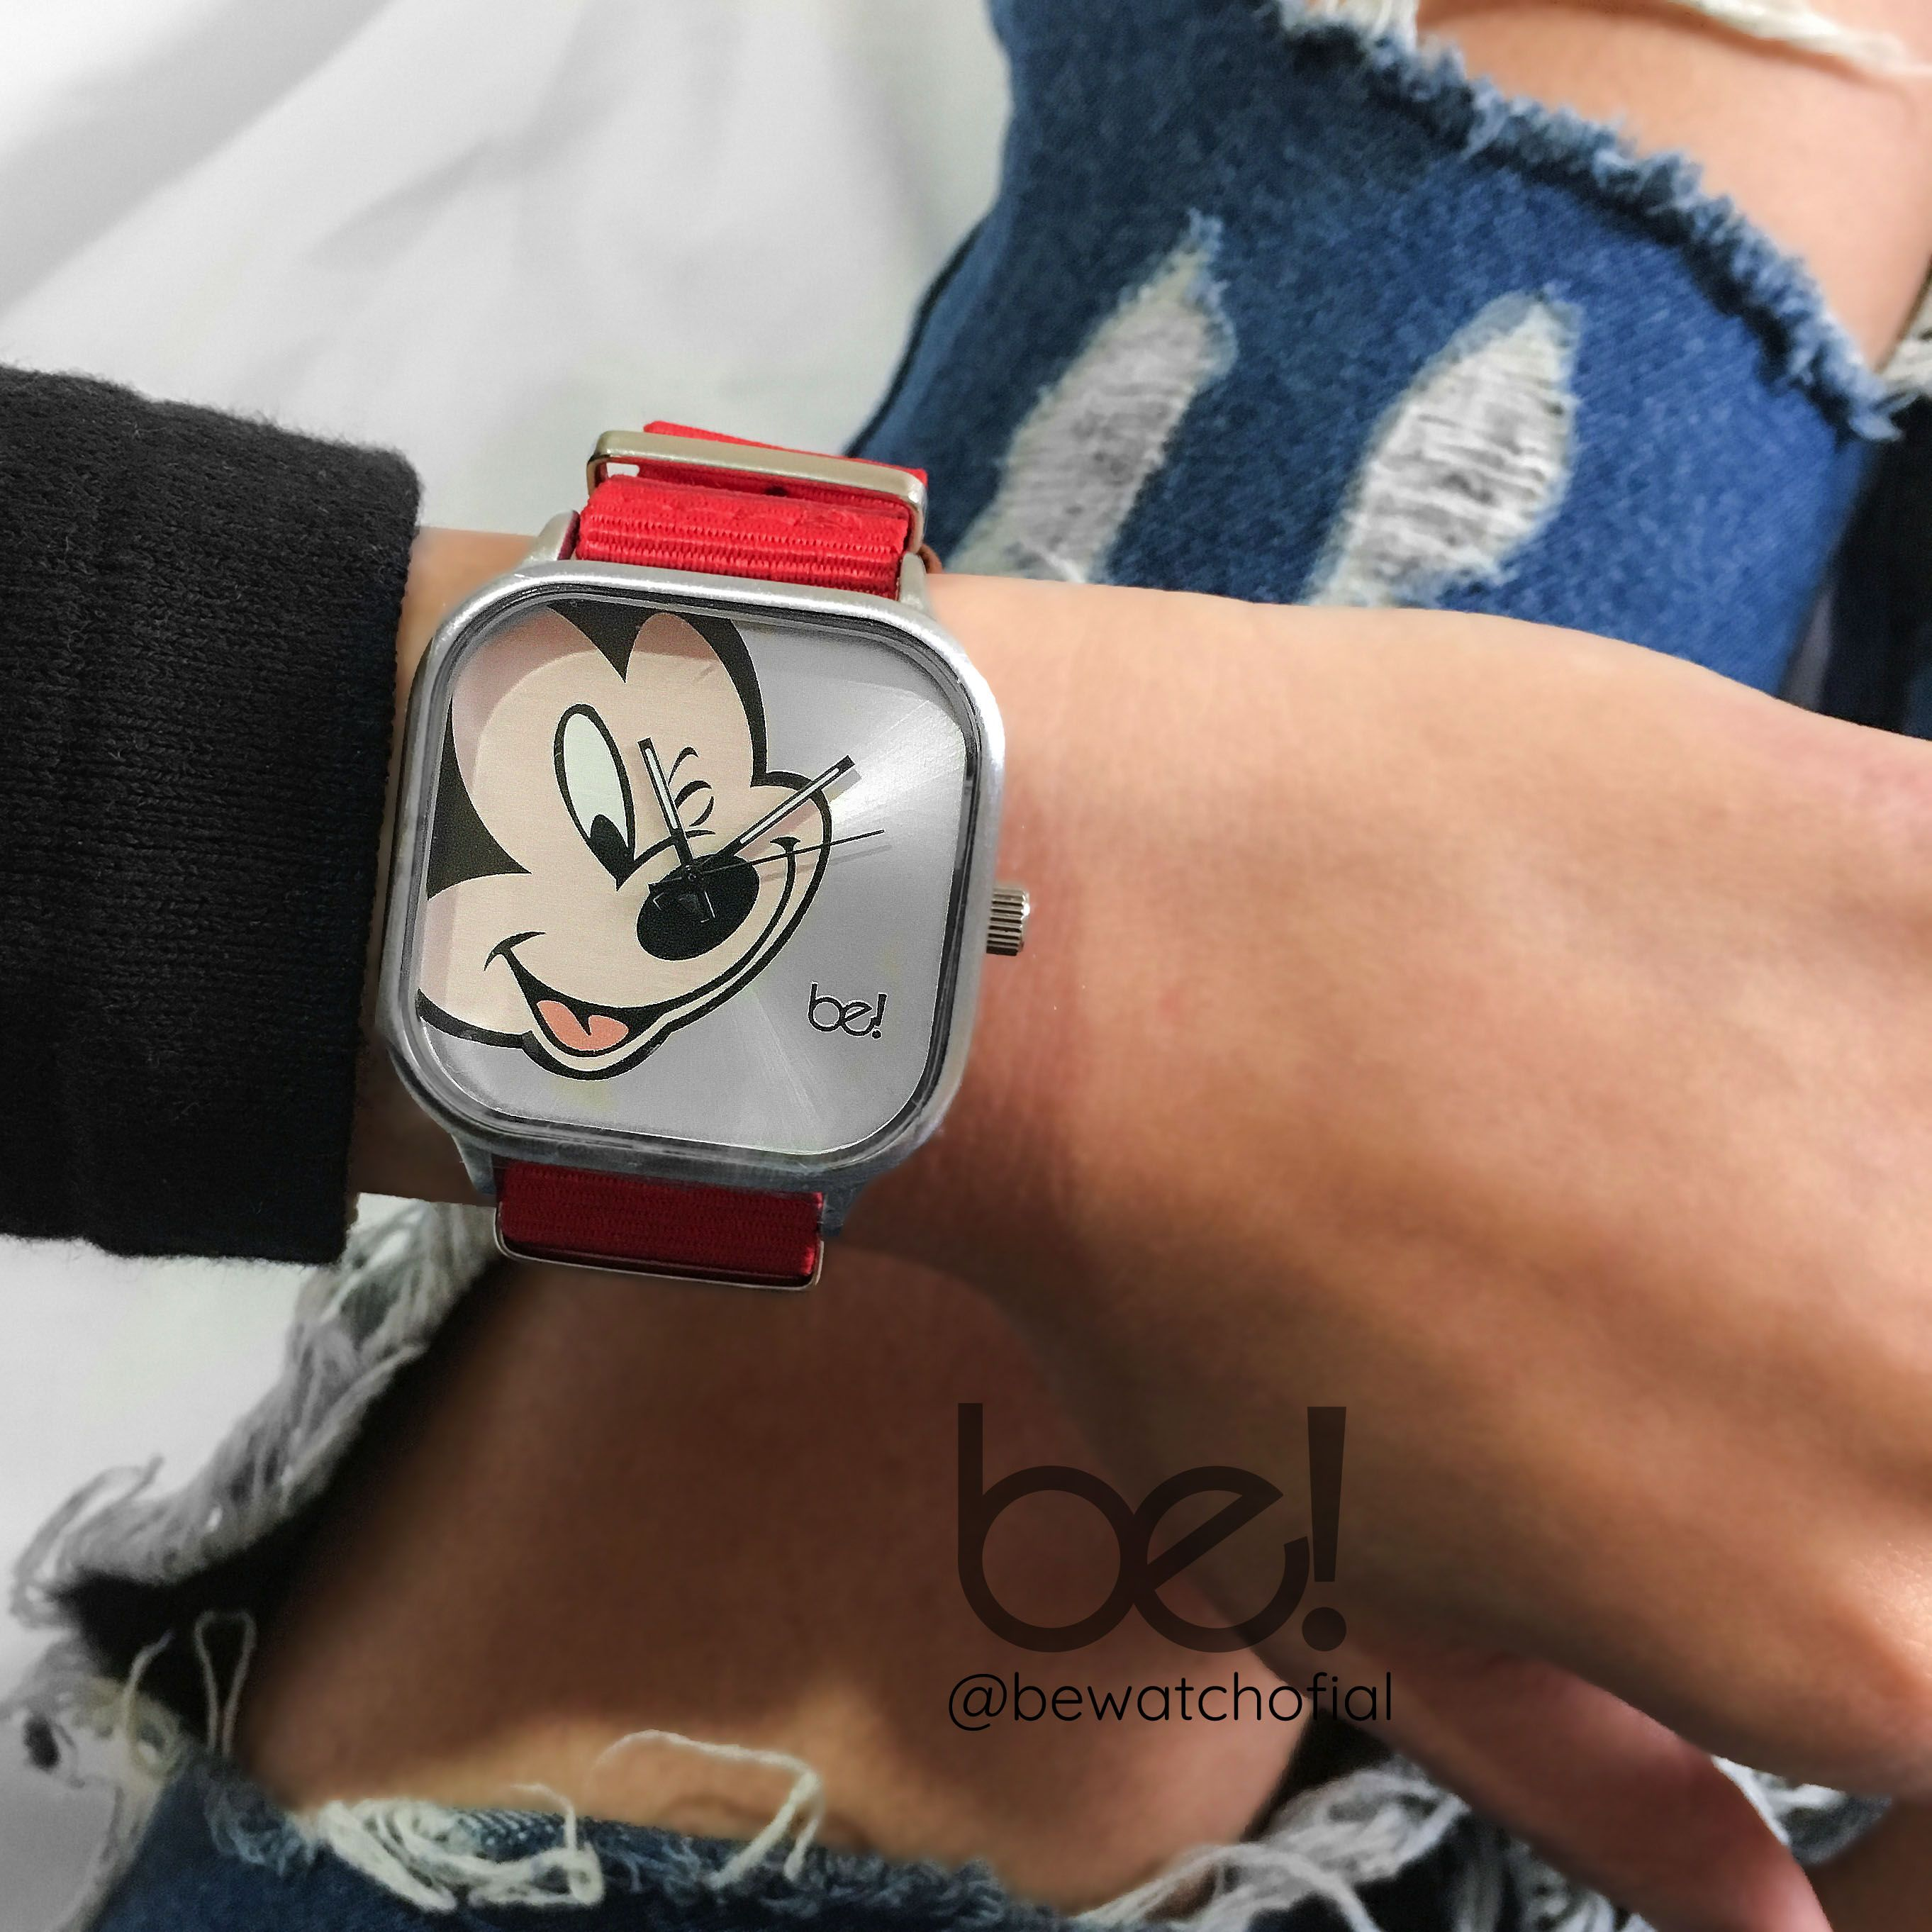 946096081ff Relógio Mickey bewatch Explore relógios de personagens amados por todos   bewatch  relogios  watches